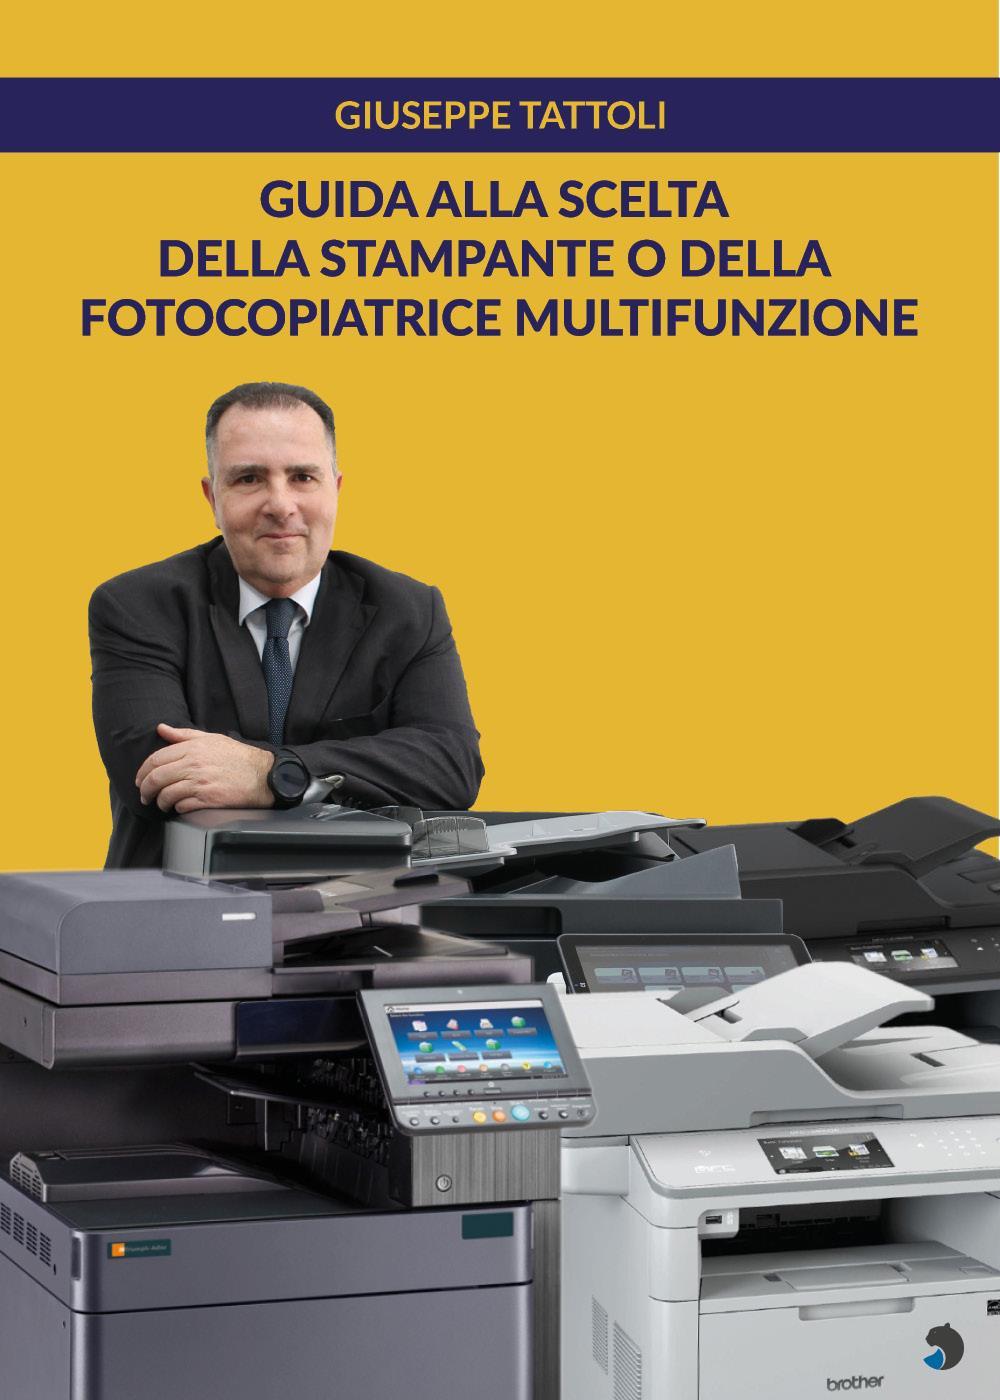 Guida alla scelta della stampante o della fotocopiatrice multifunzione